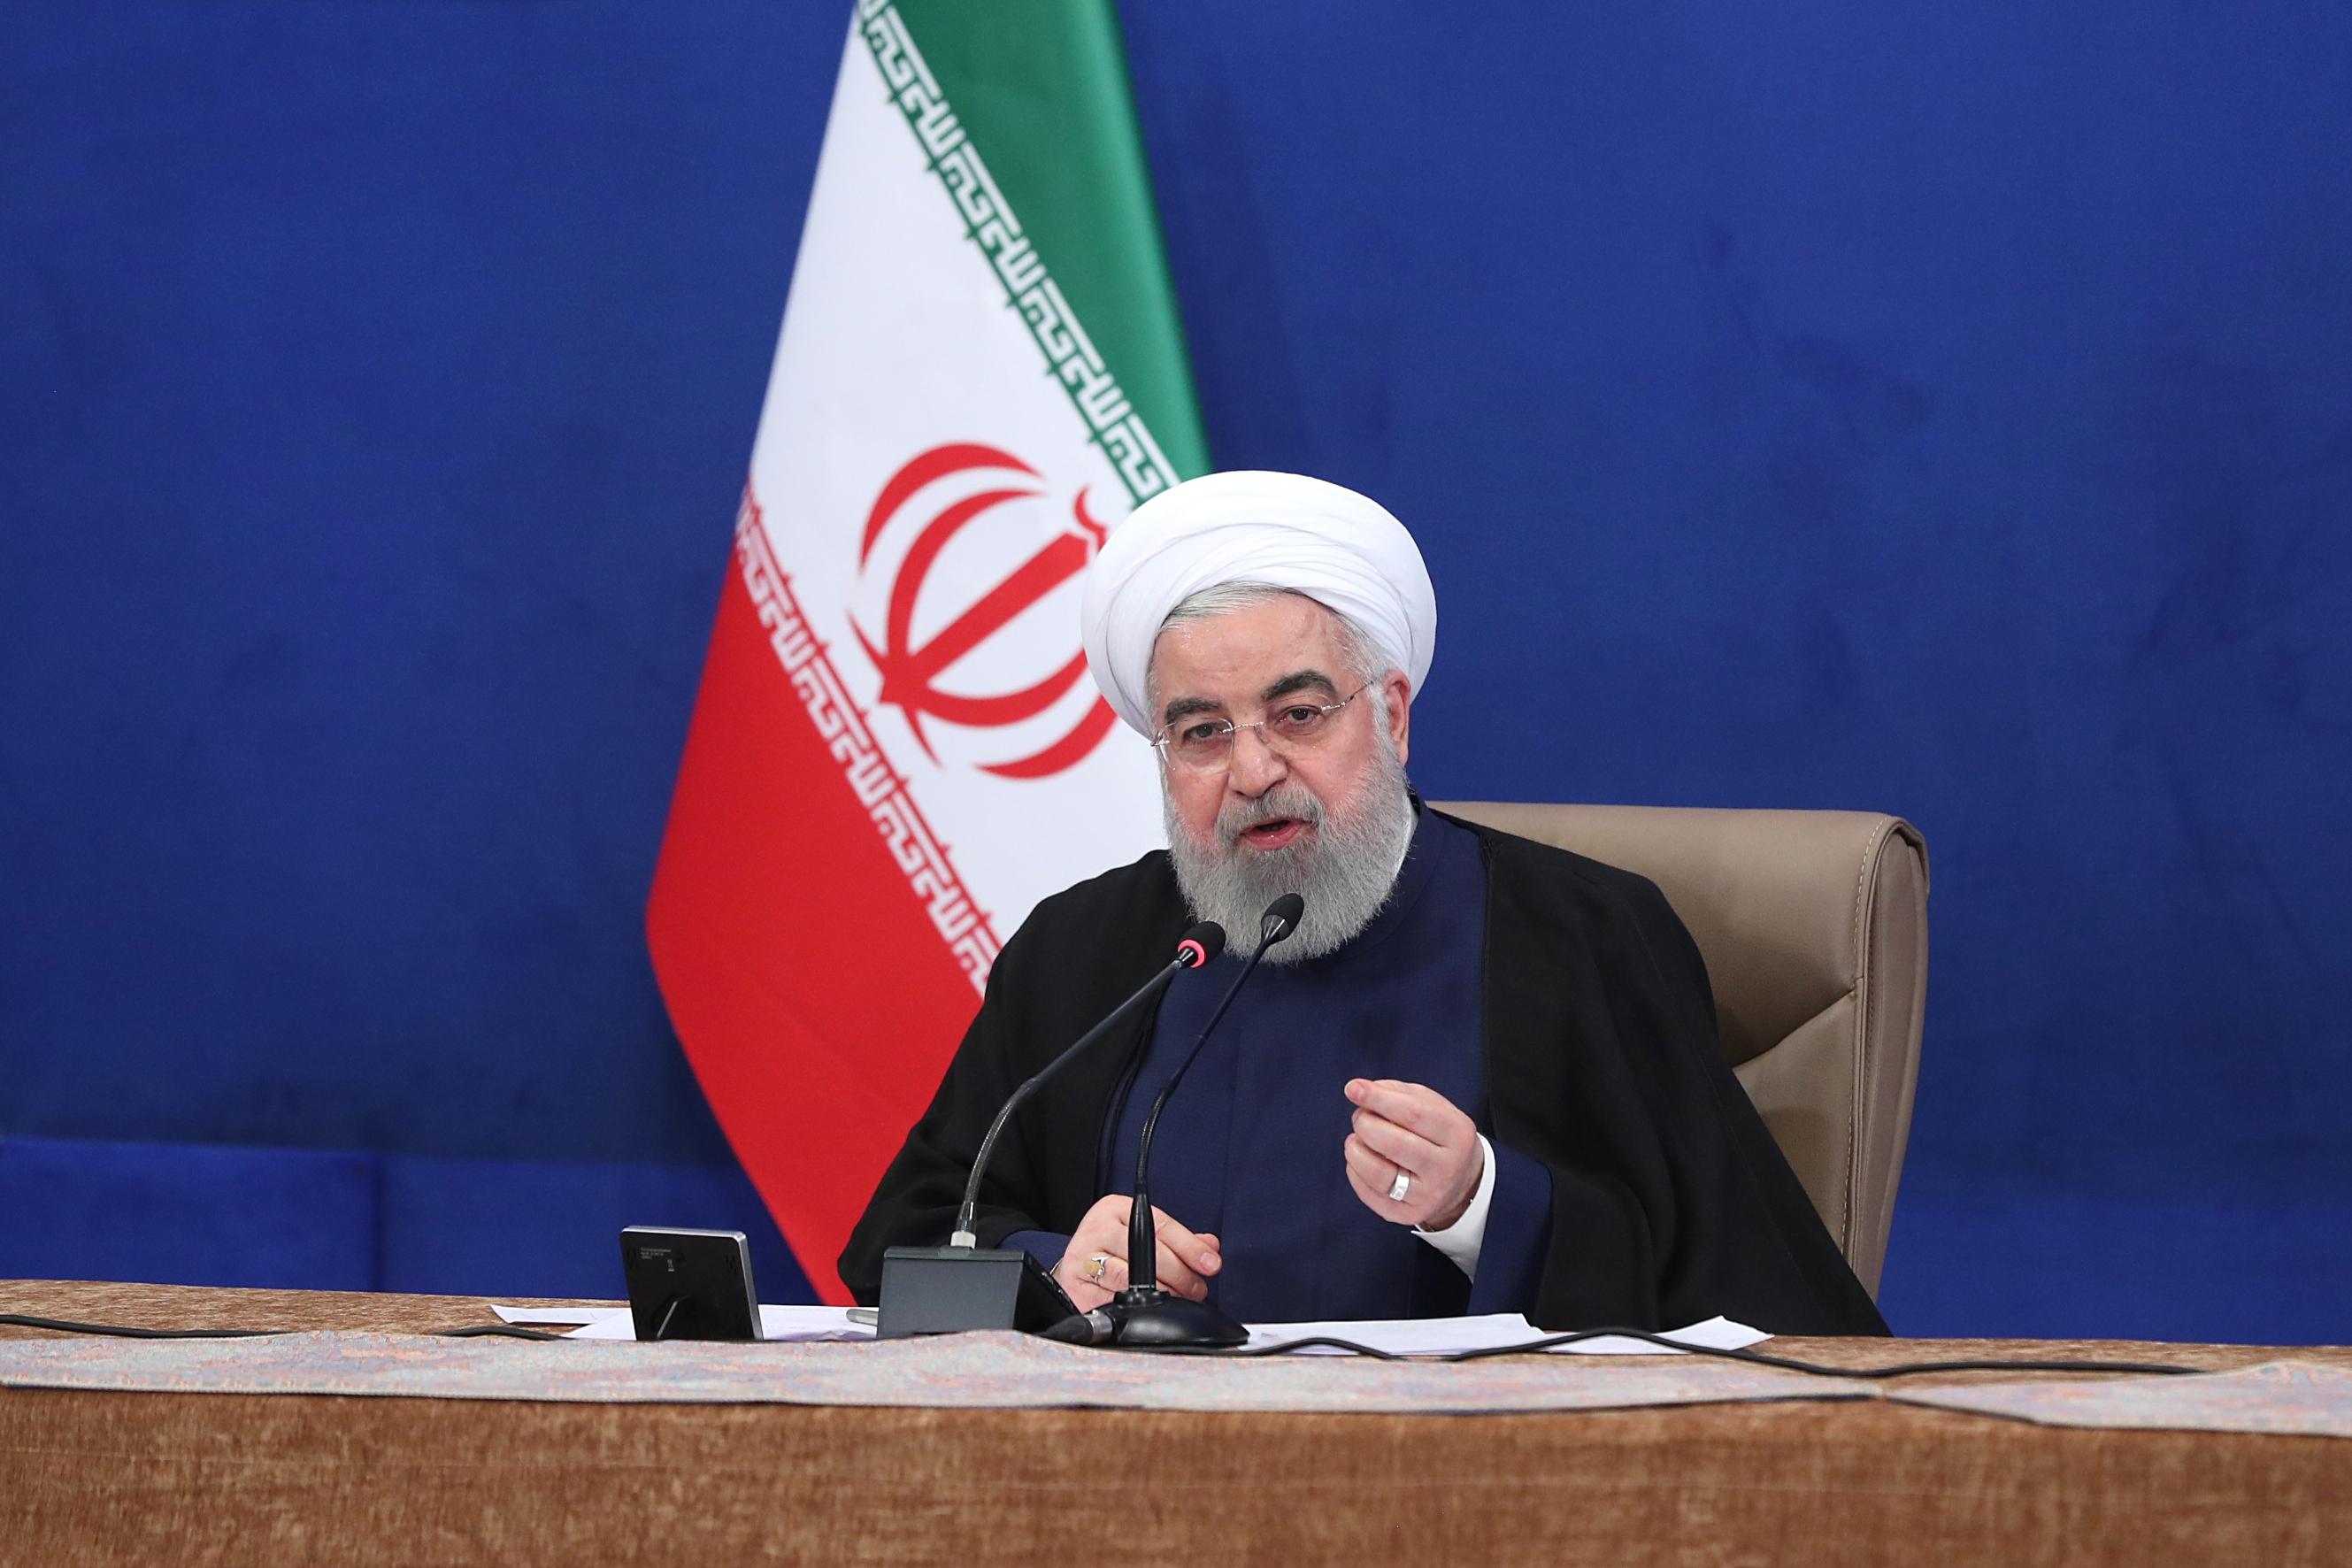 قدردانی رئیس جمهور از موافقت رهبر معظم انقلاب اسلامی با درخواست آزادسازی سهام عدالت